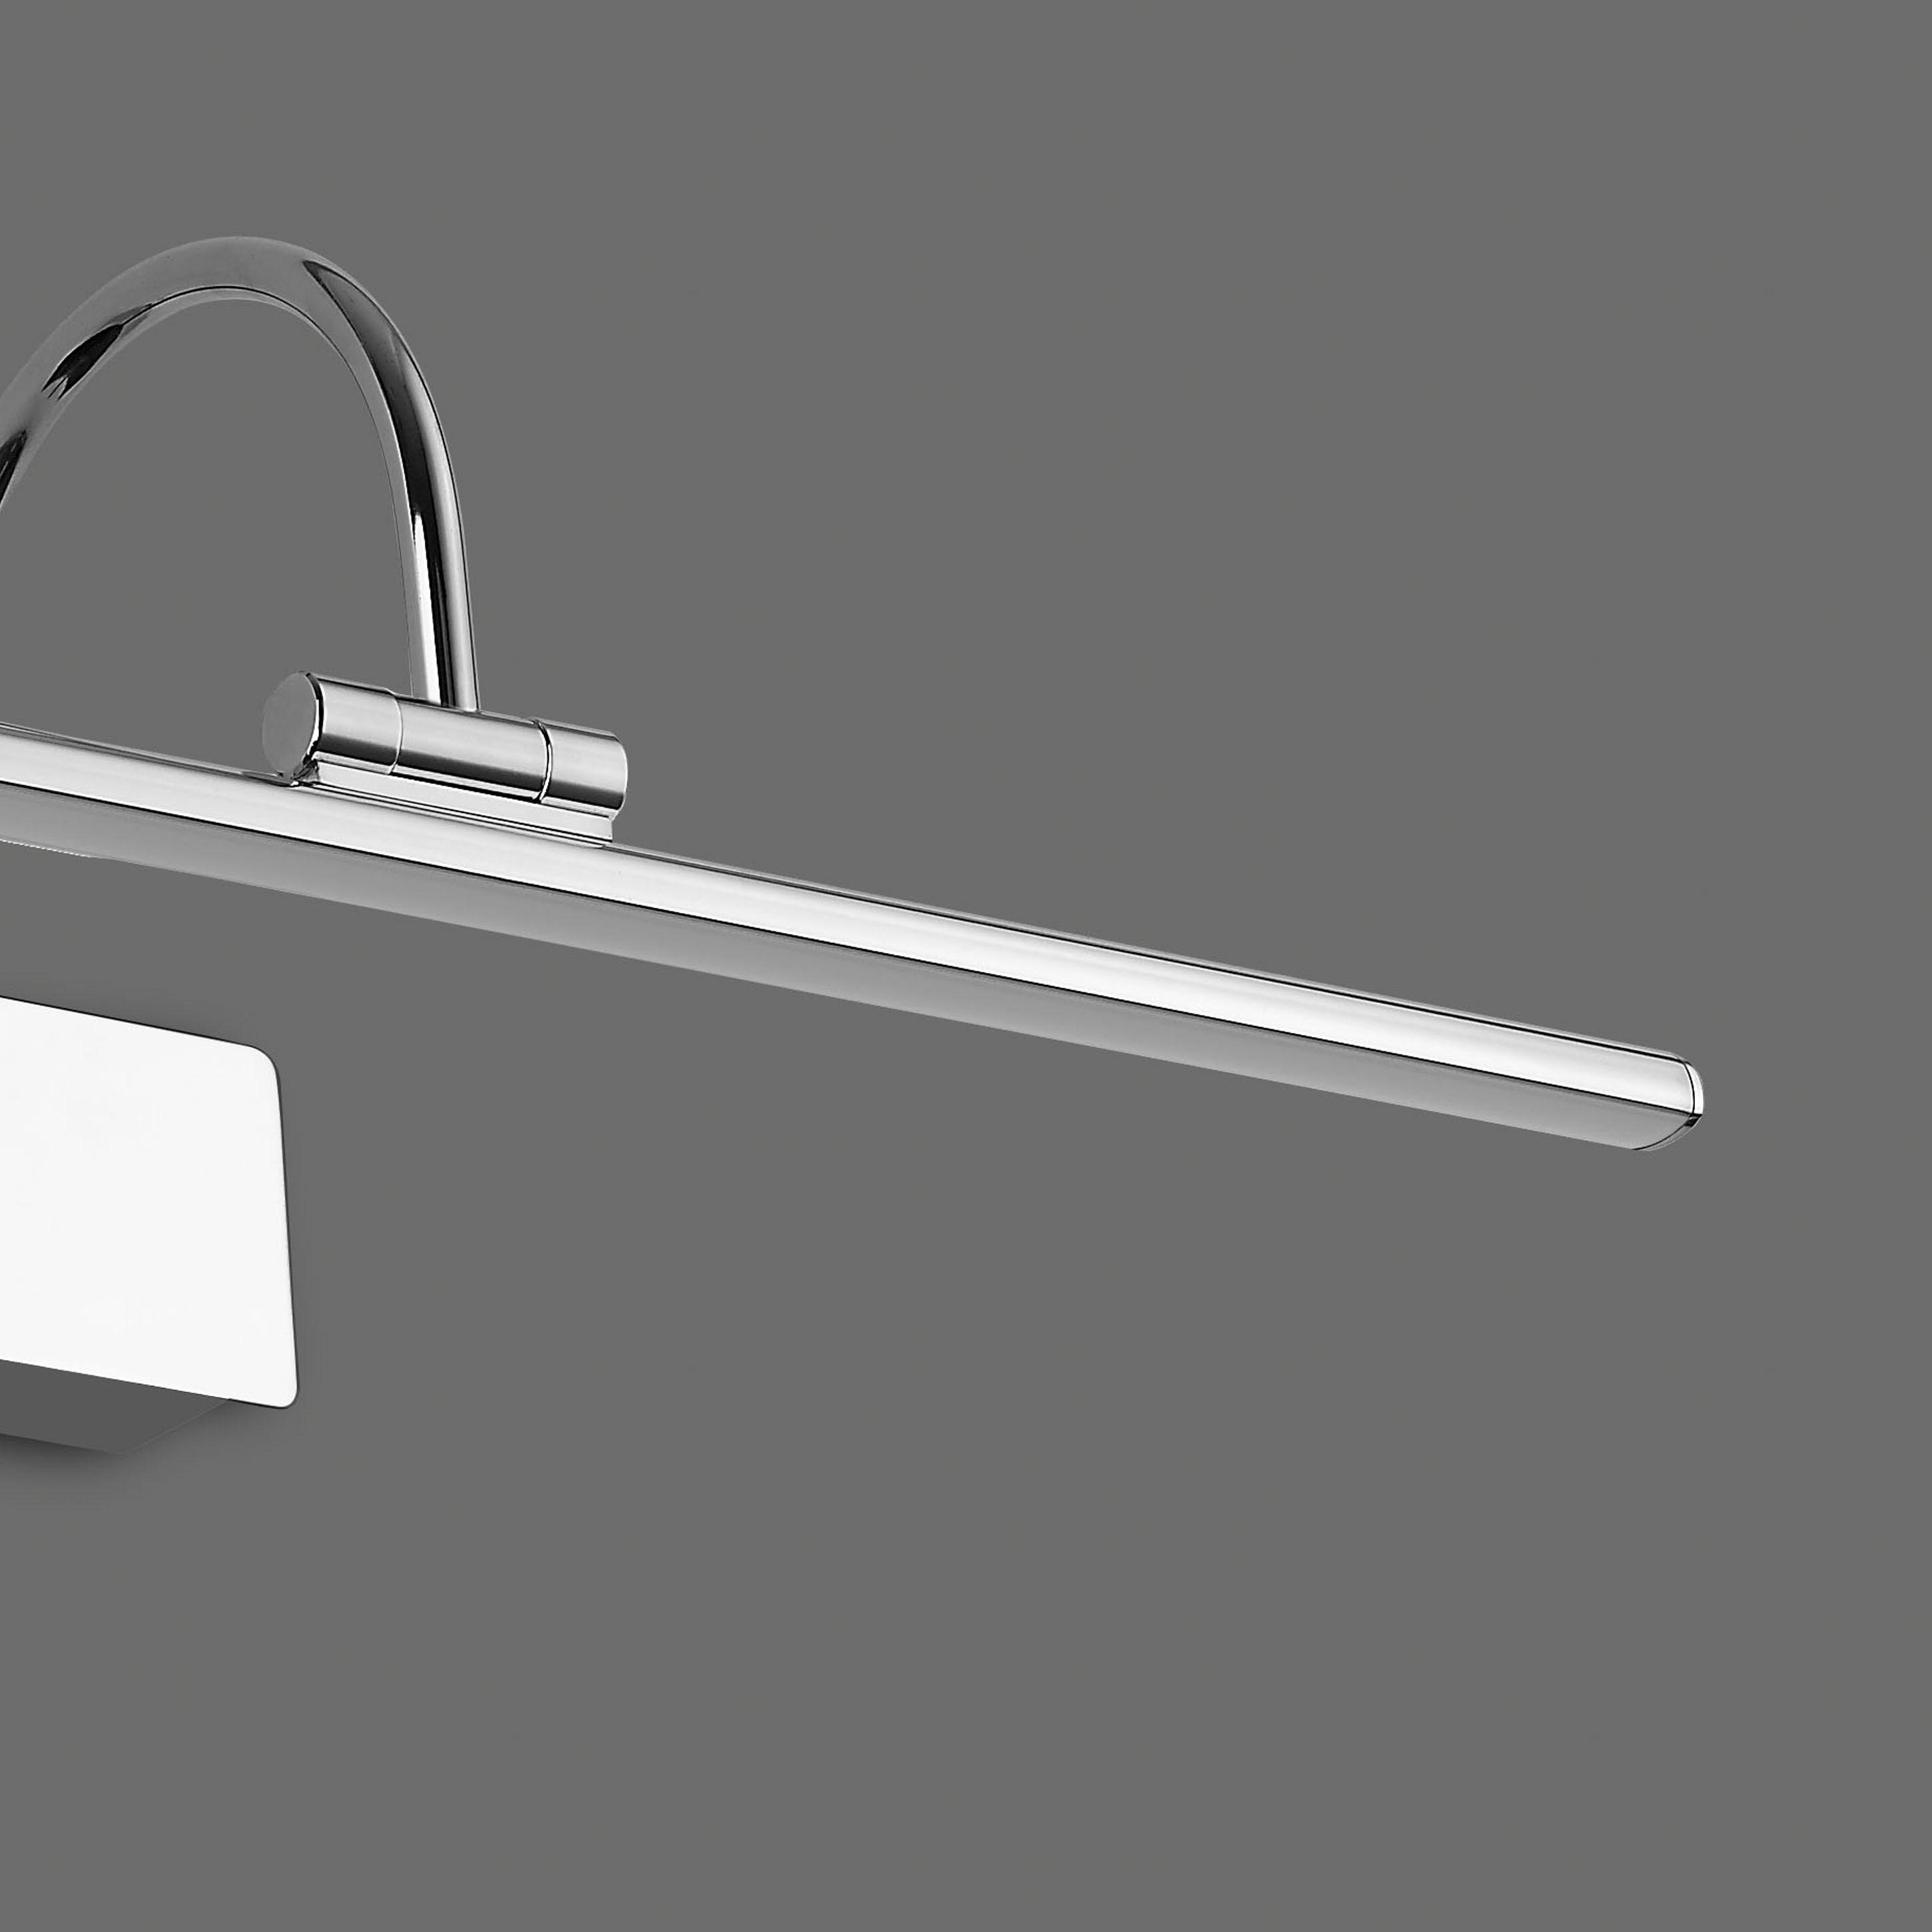 Настенный светильник для подсветки картин Mantra Paracuru 6381, хром, металл, пластик - фото 4